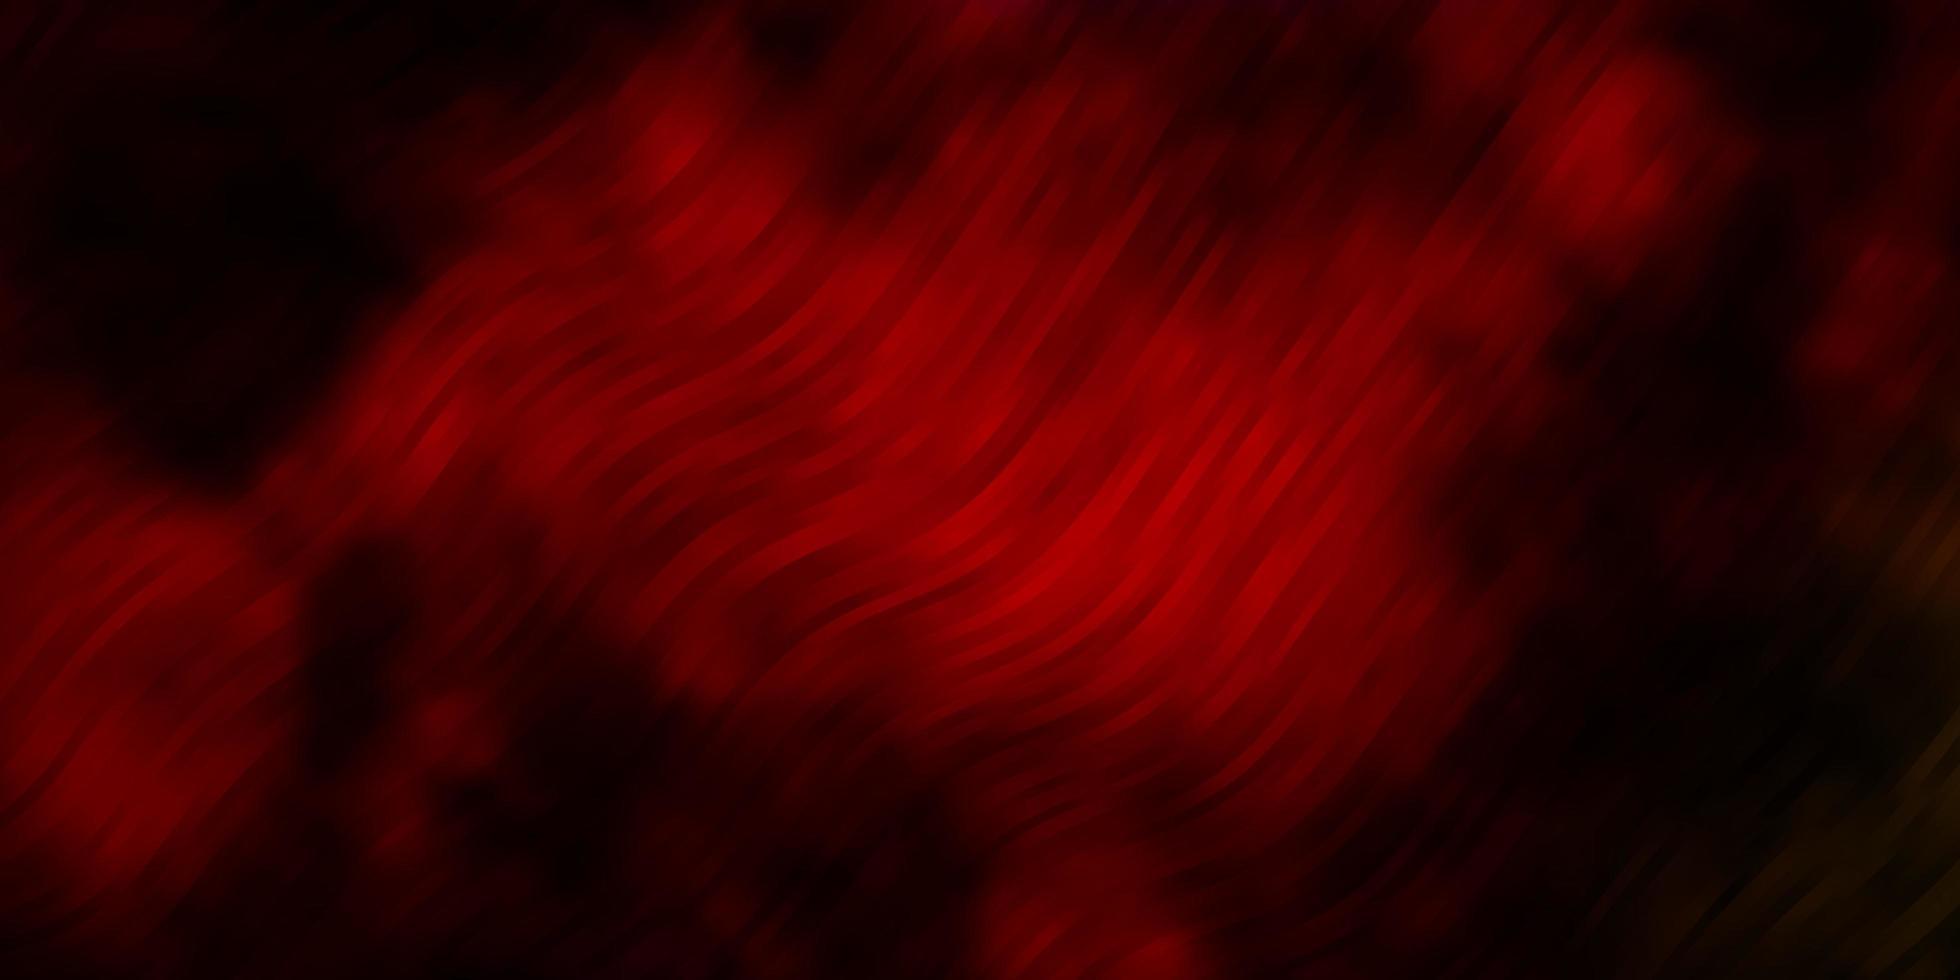 dunkler mehrfarbiger Vektorhintergrund mit gebogenen Linien. vektor